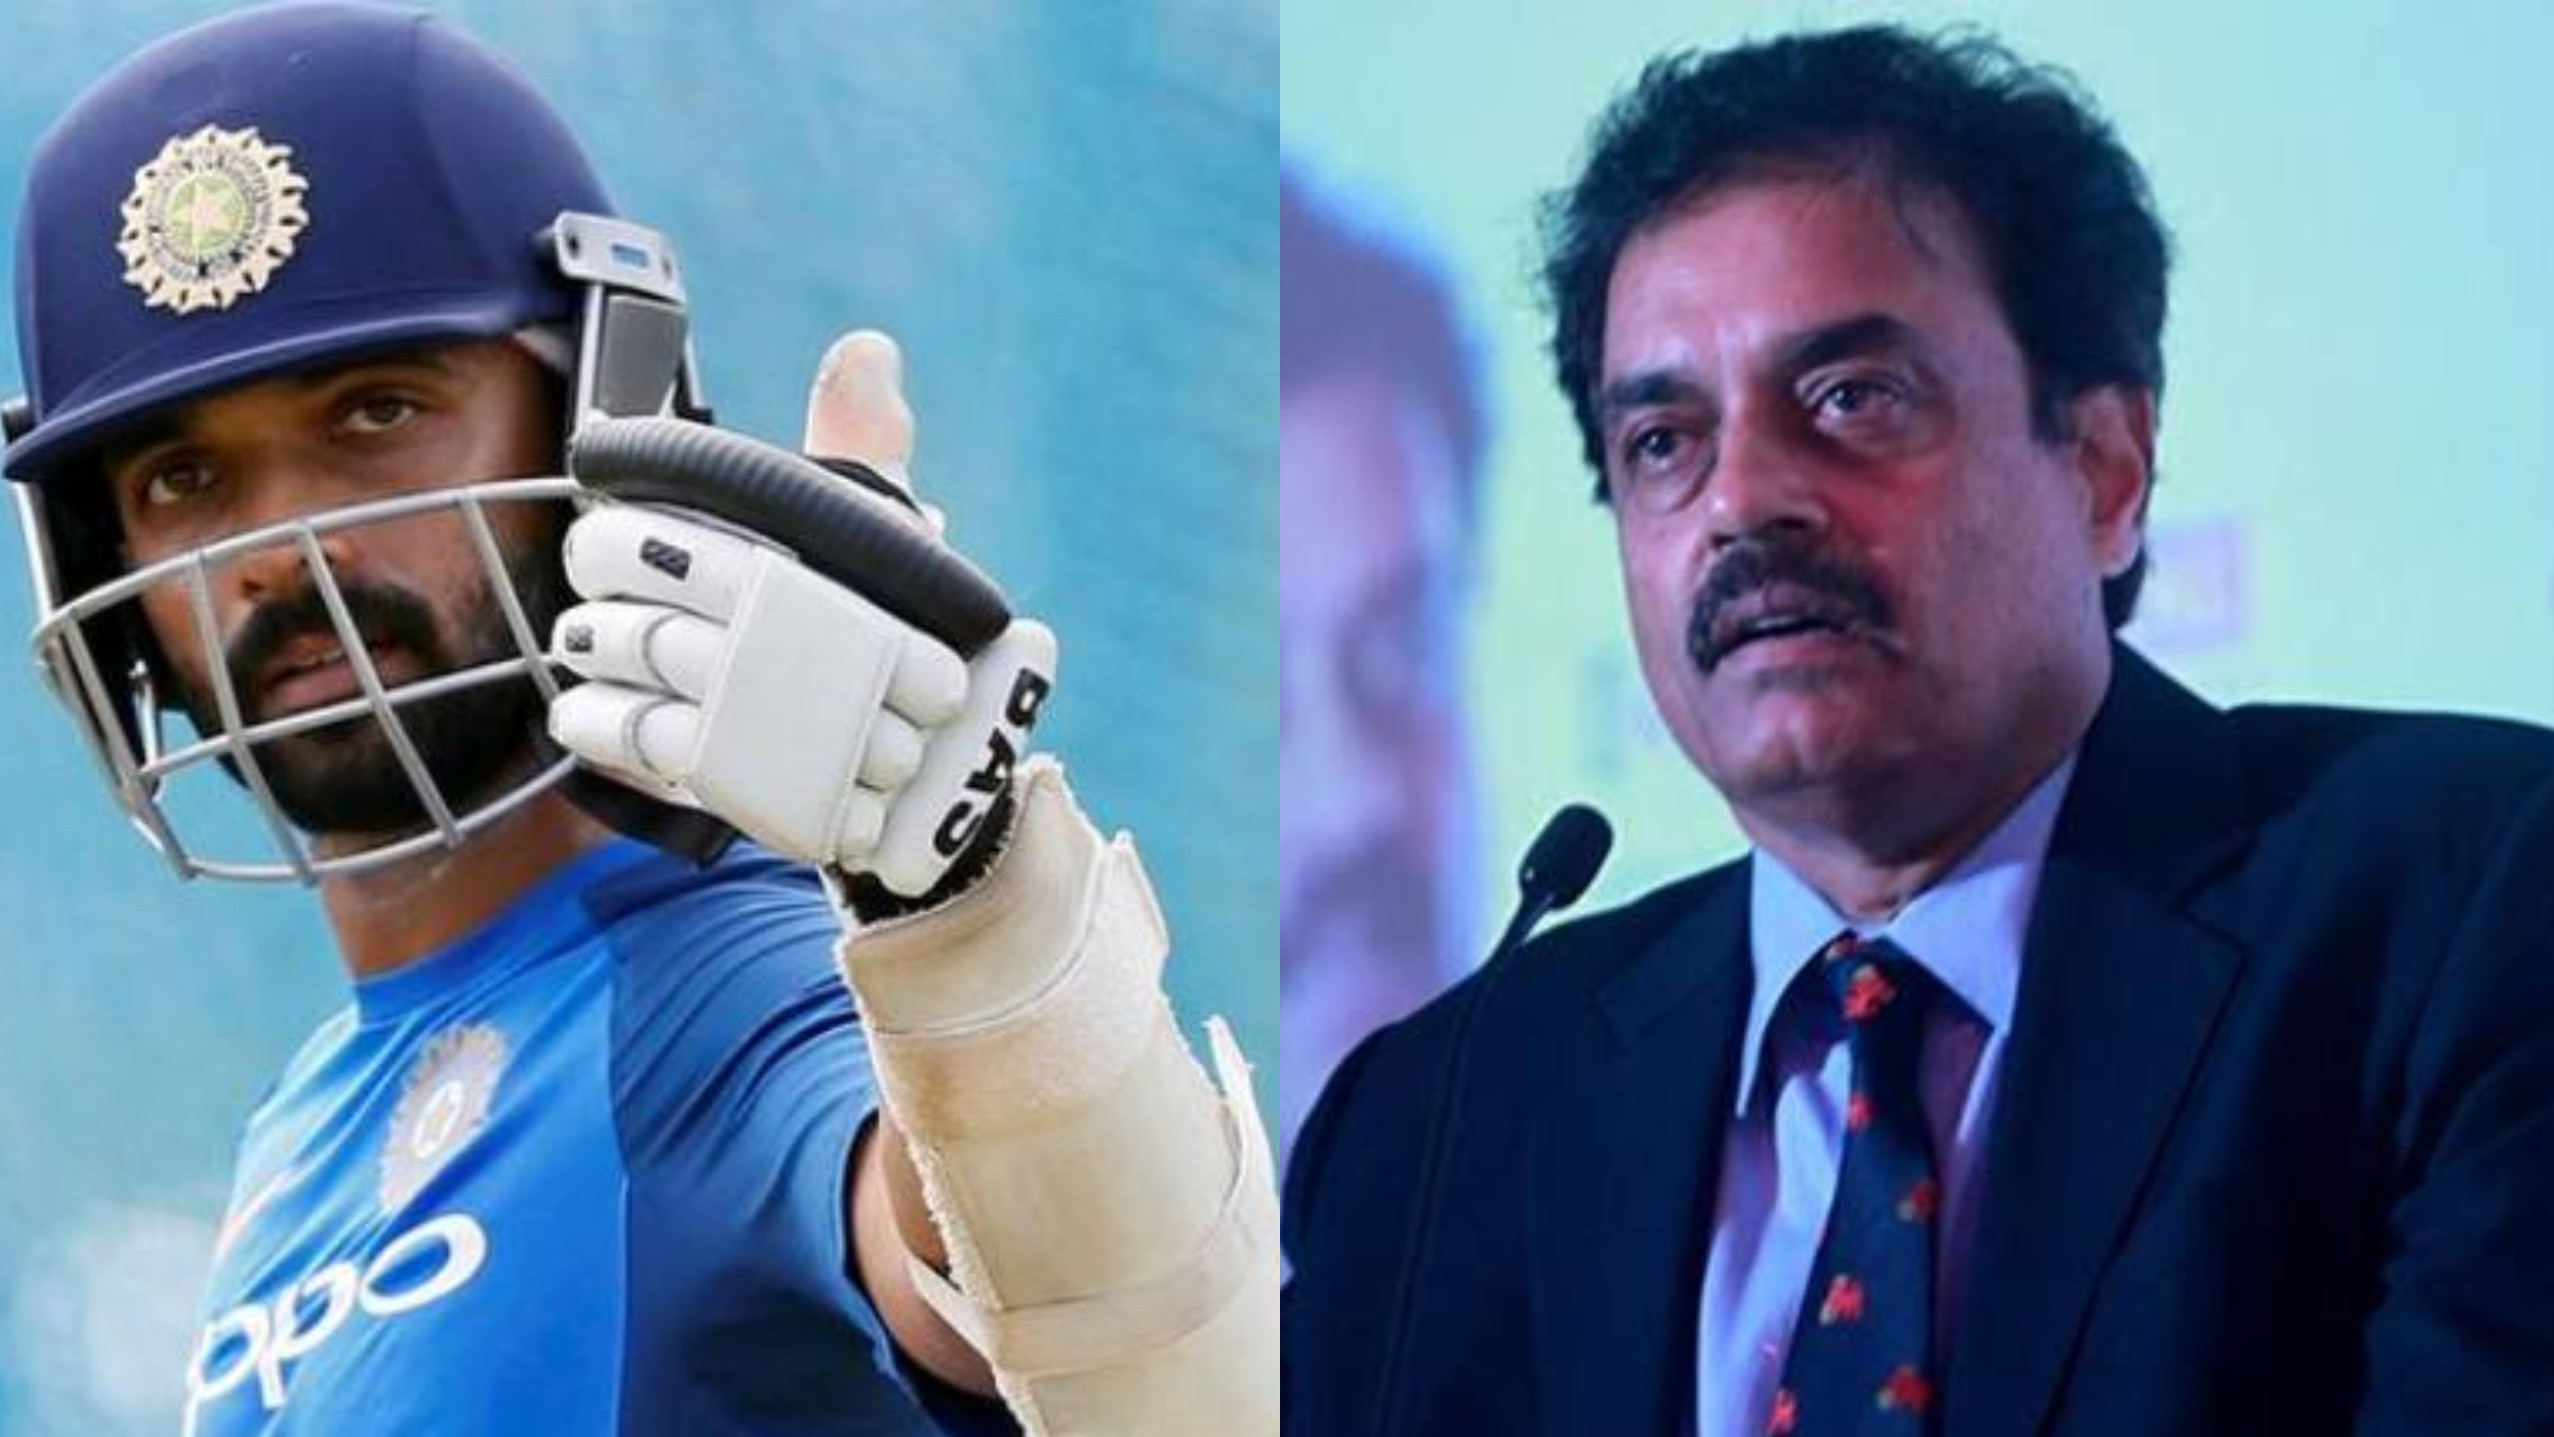 CWC 2019 : दिलीप वेंगसरकर का मानना है कि 2019 विश्व कप के लिए टीम को अजिंक्य रहाणे को आजमाना चाहिए